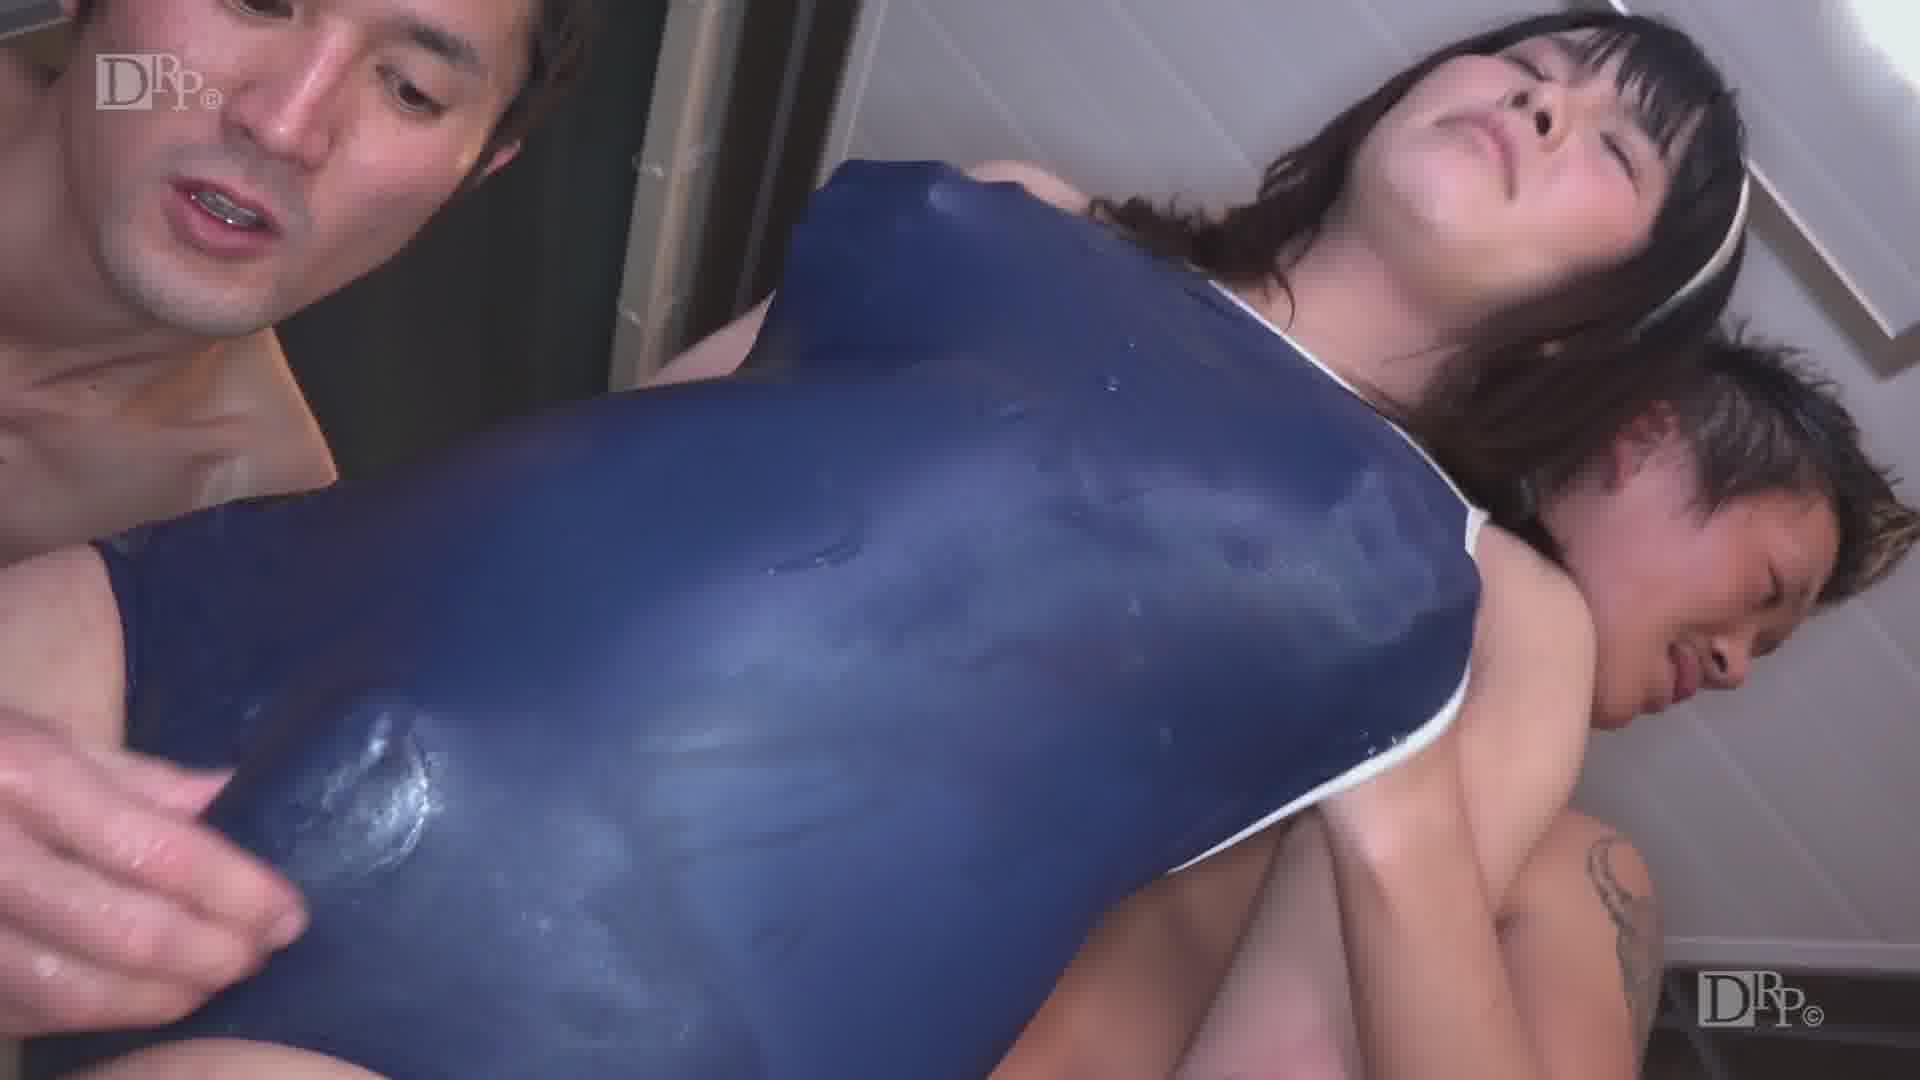 スク水ニューハーフ3Pに挑戦! - 優姫エレナ【乱交・ニューハーフ・アナル】